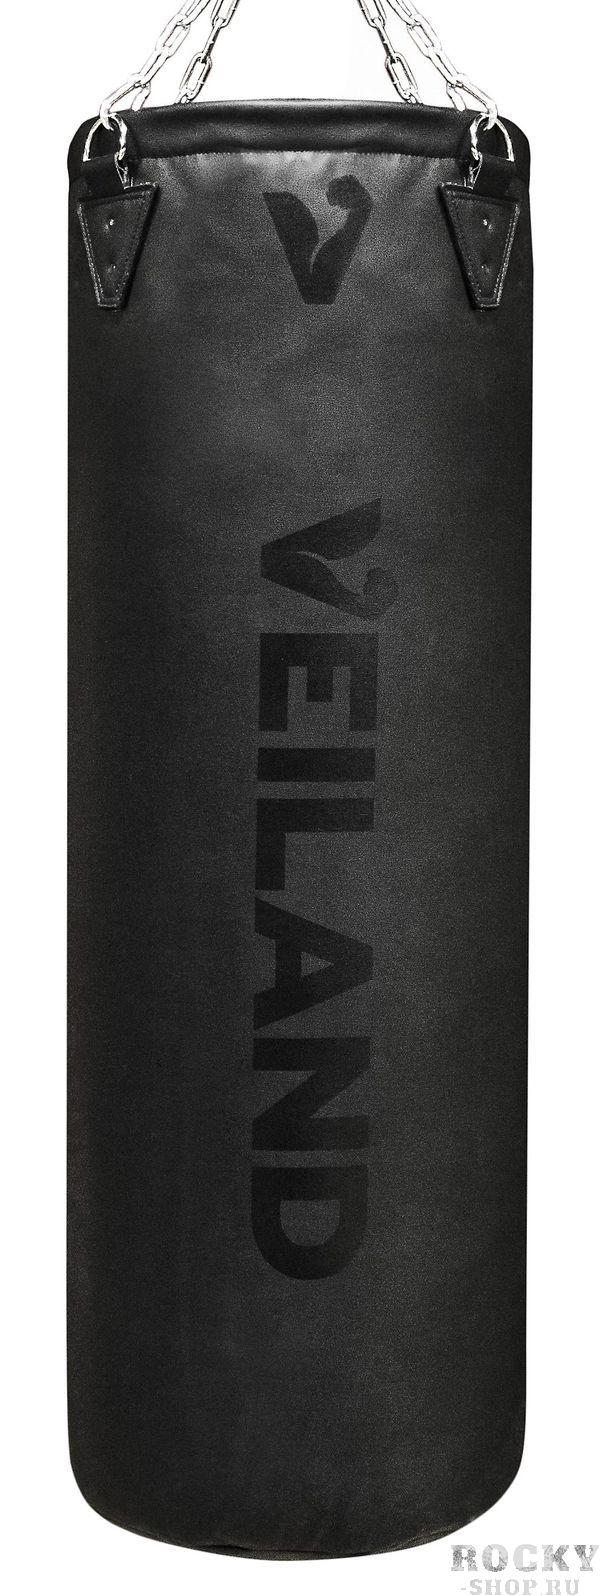 Купить Боксерский мешок Veiland, рециклированная кожа Veiland 160 х 40см, 70 кг (арт. 26561)